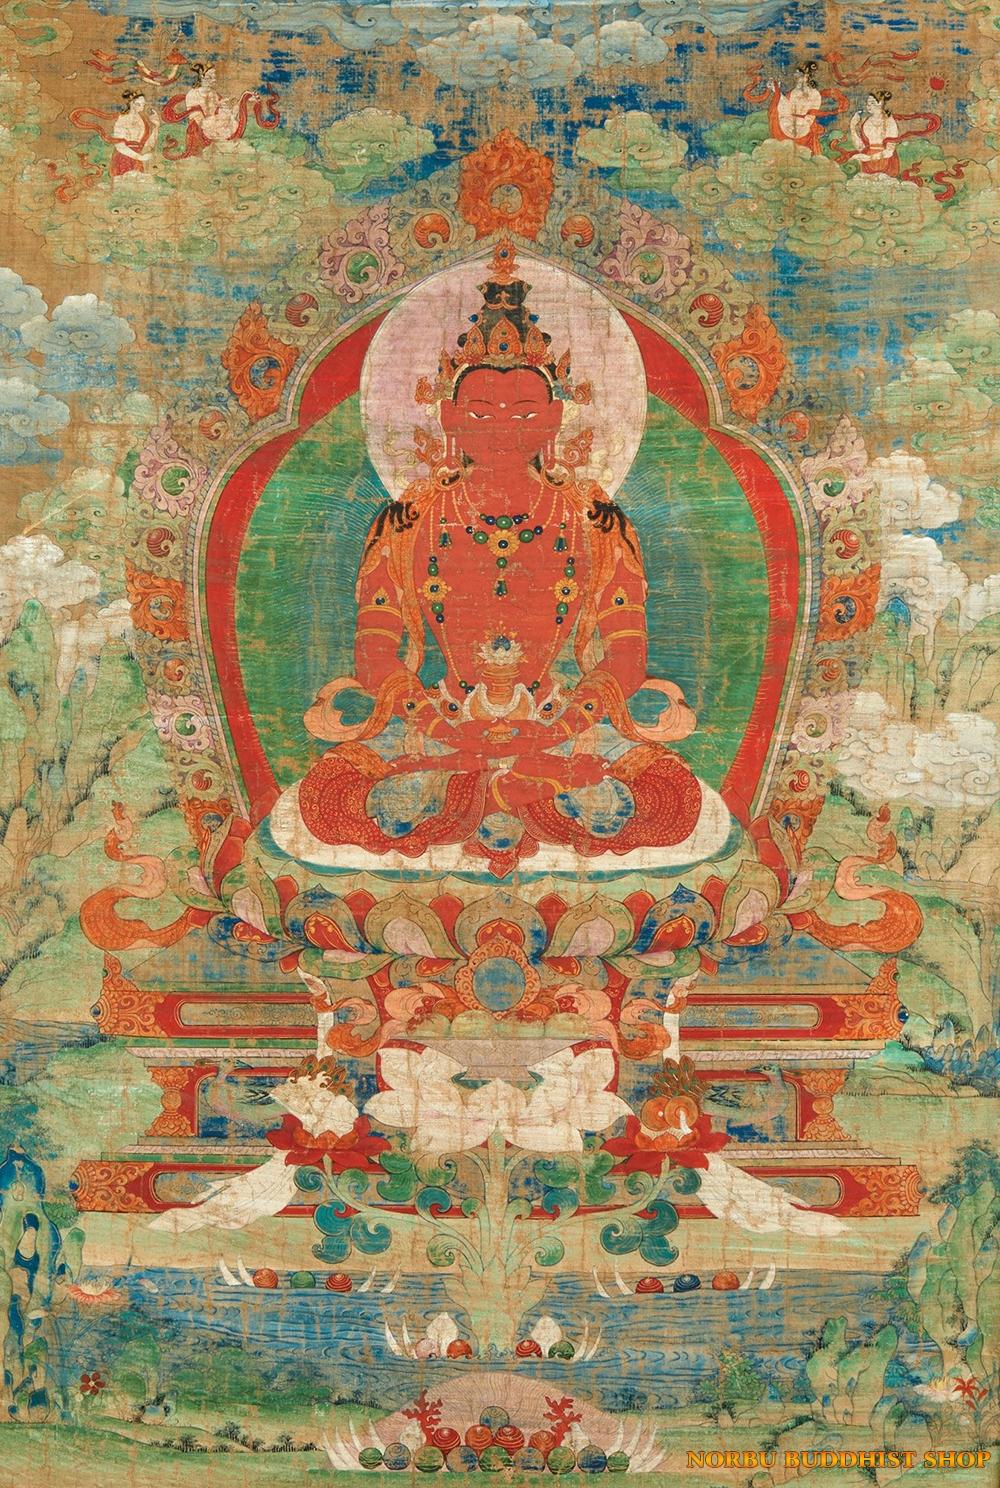 Ý nghĩa tôn giáo trong tranh Thangka Tây Tạng - Tangka Tibet có gì đặc sắc? 4